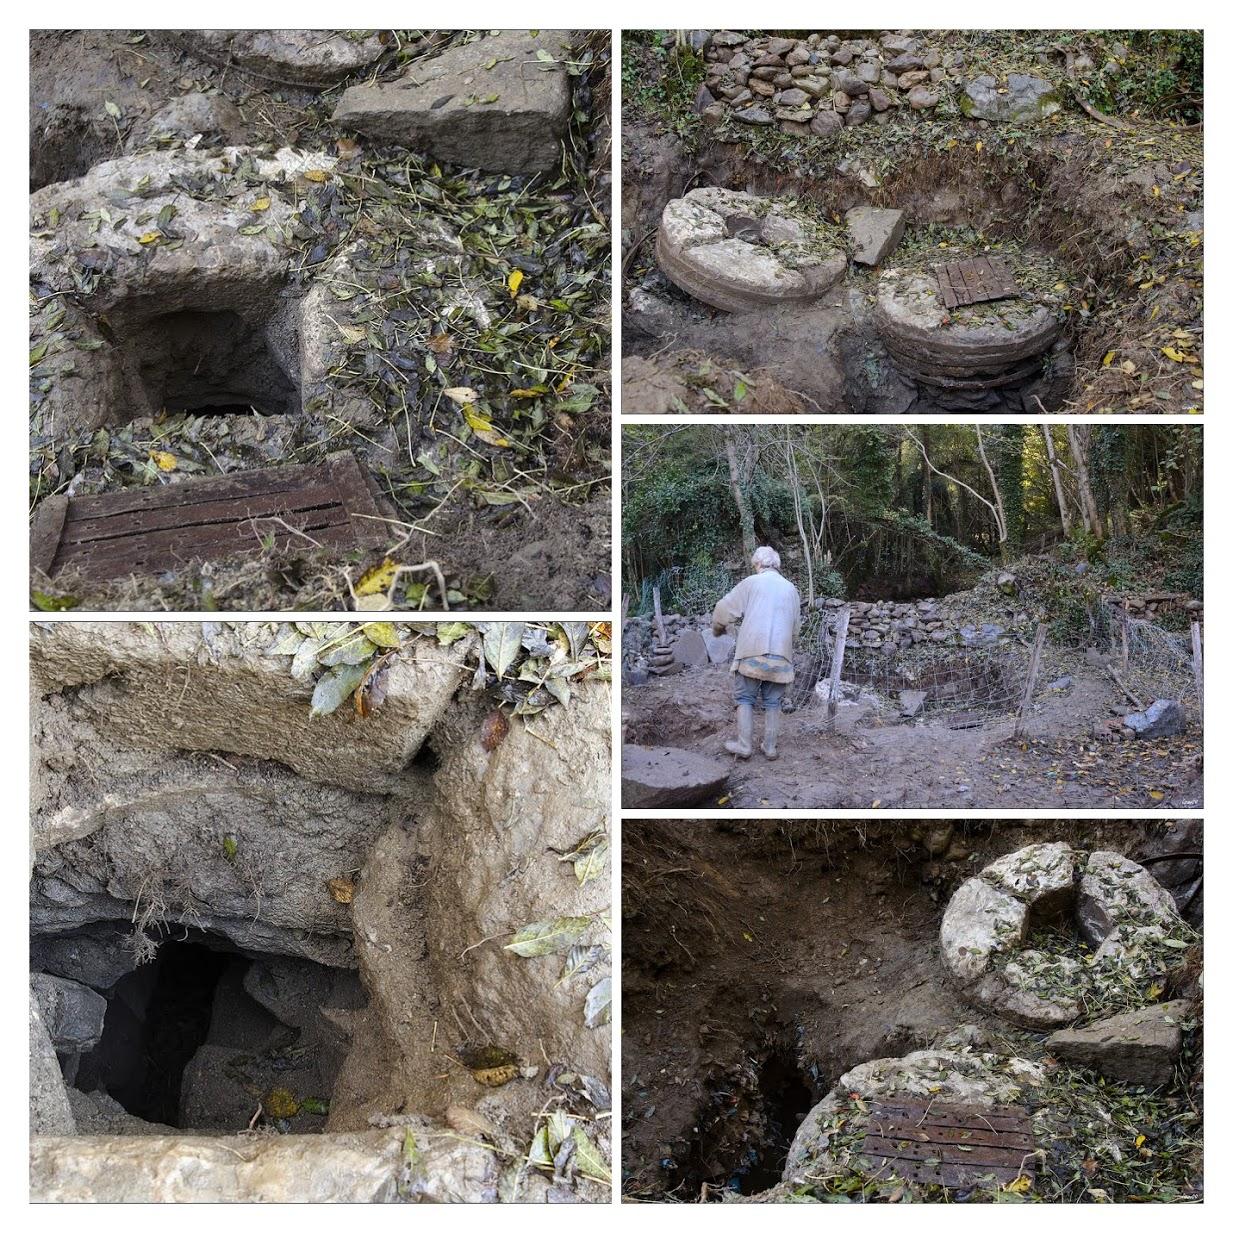 Retrouver le moulin à mains  nues dans Actualité locale 16111004324356525